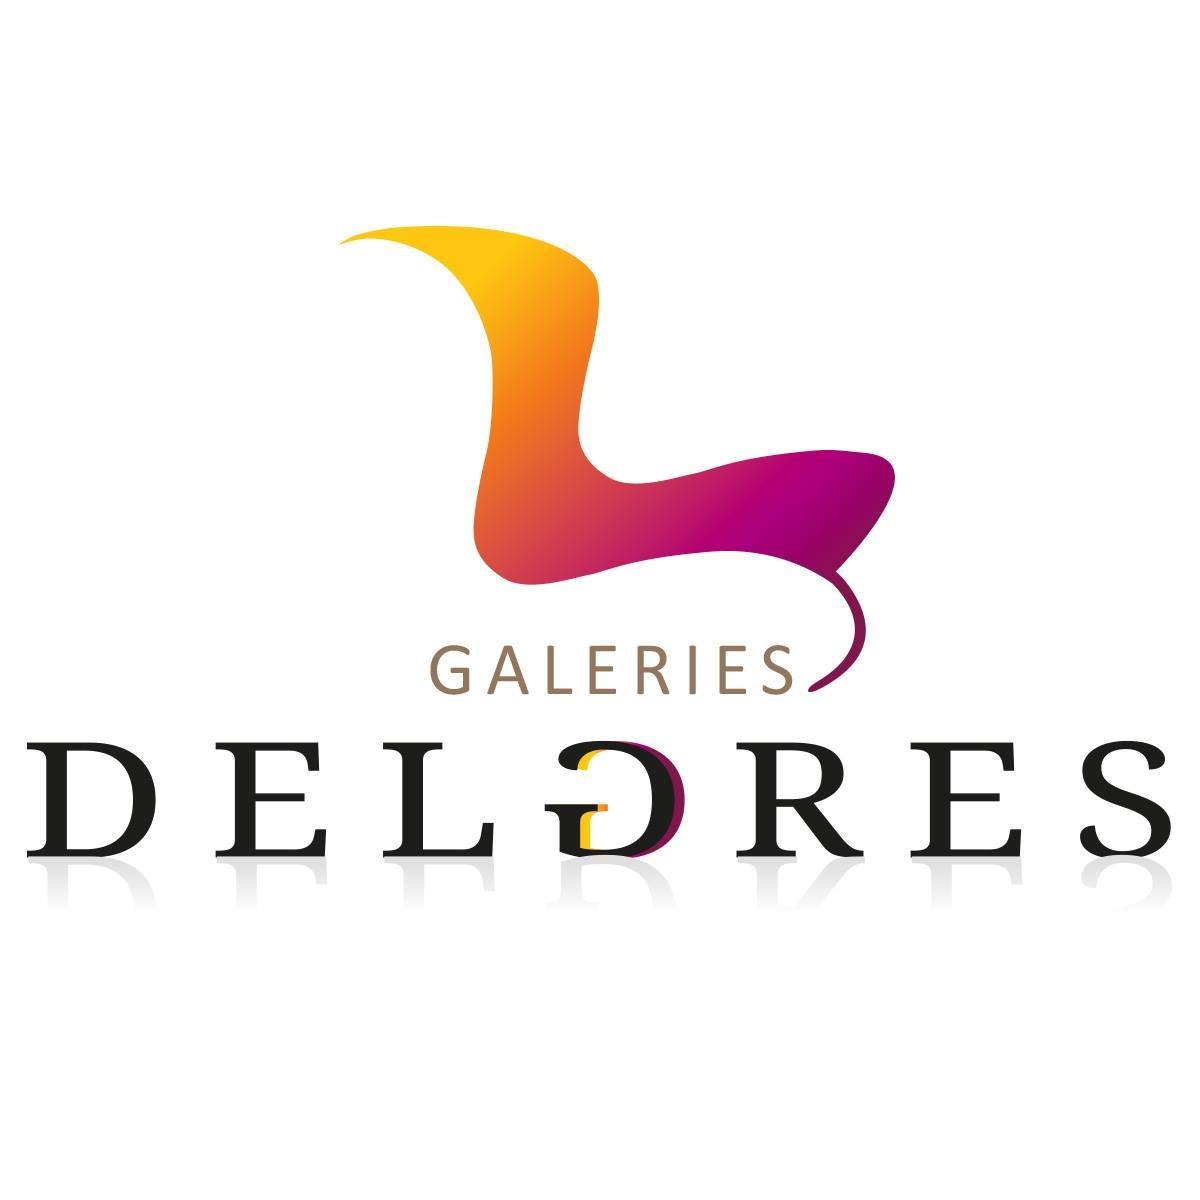 GAleires Delgrès